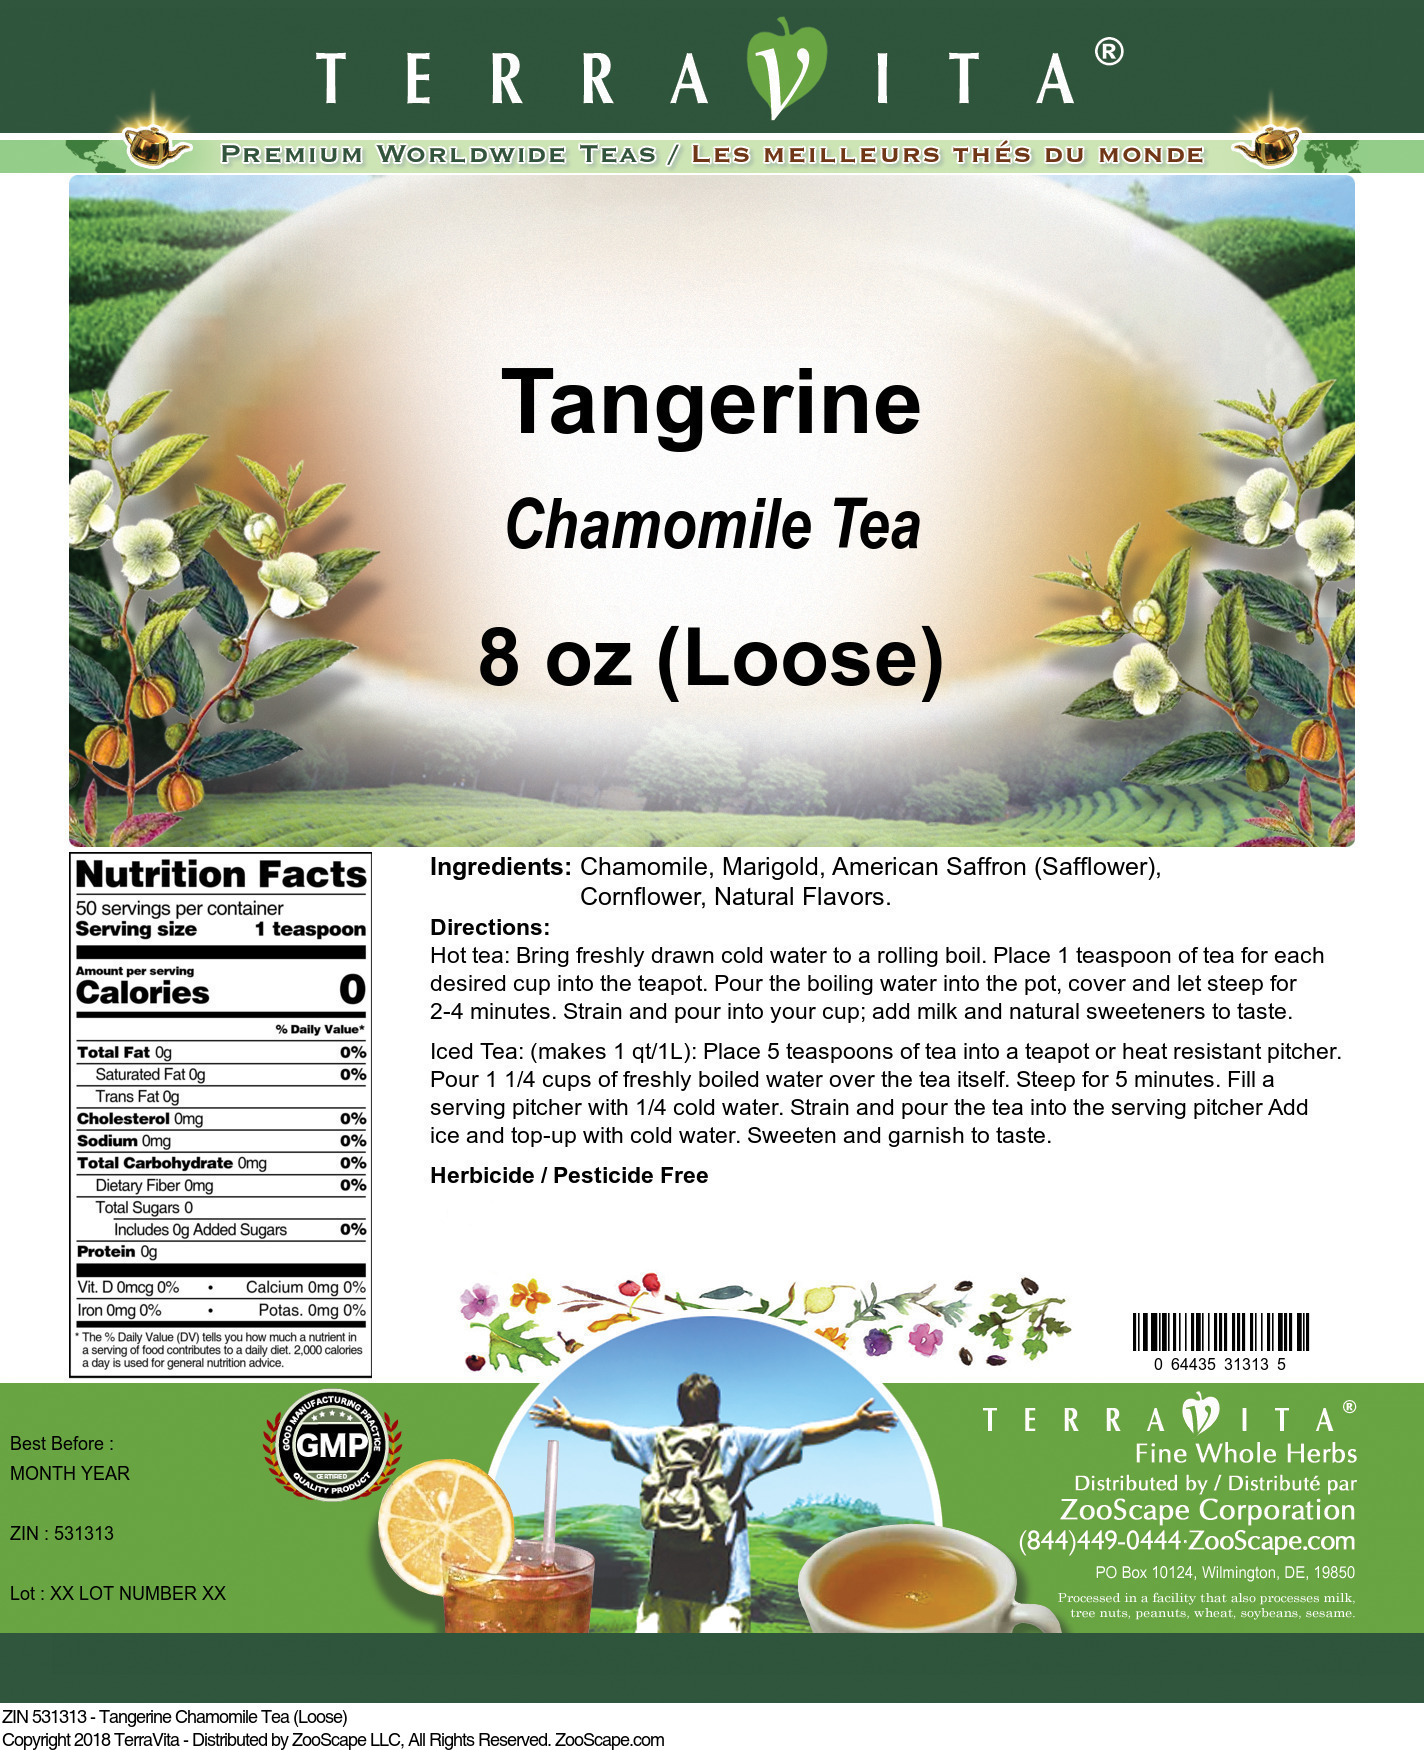 Tangerine Chamomile Tea